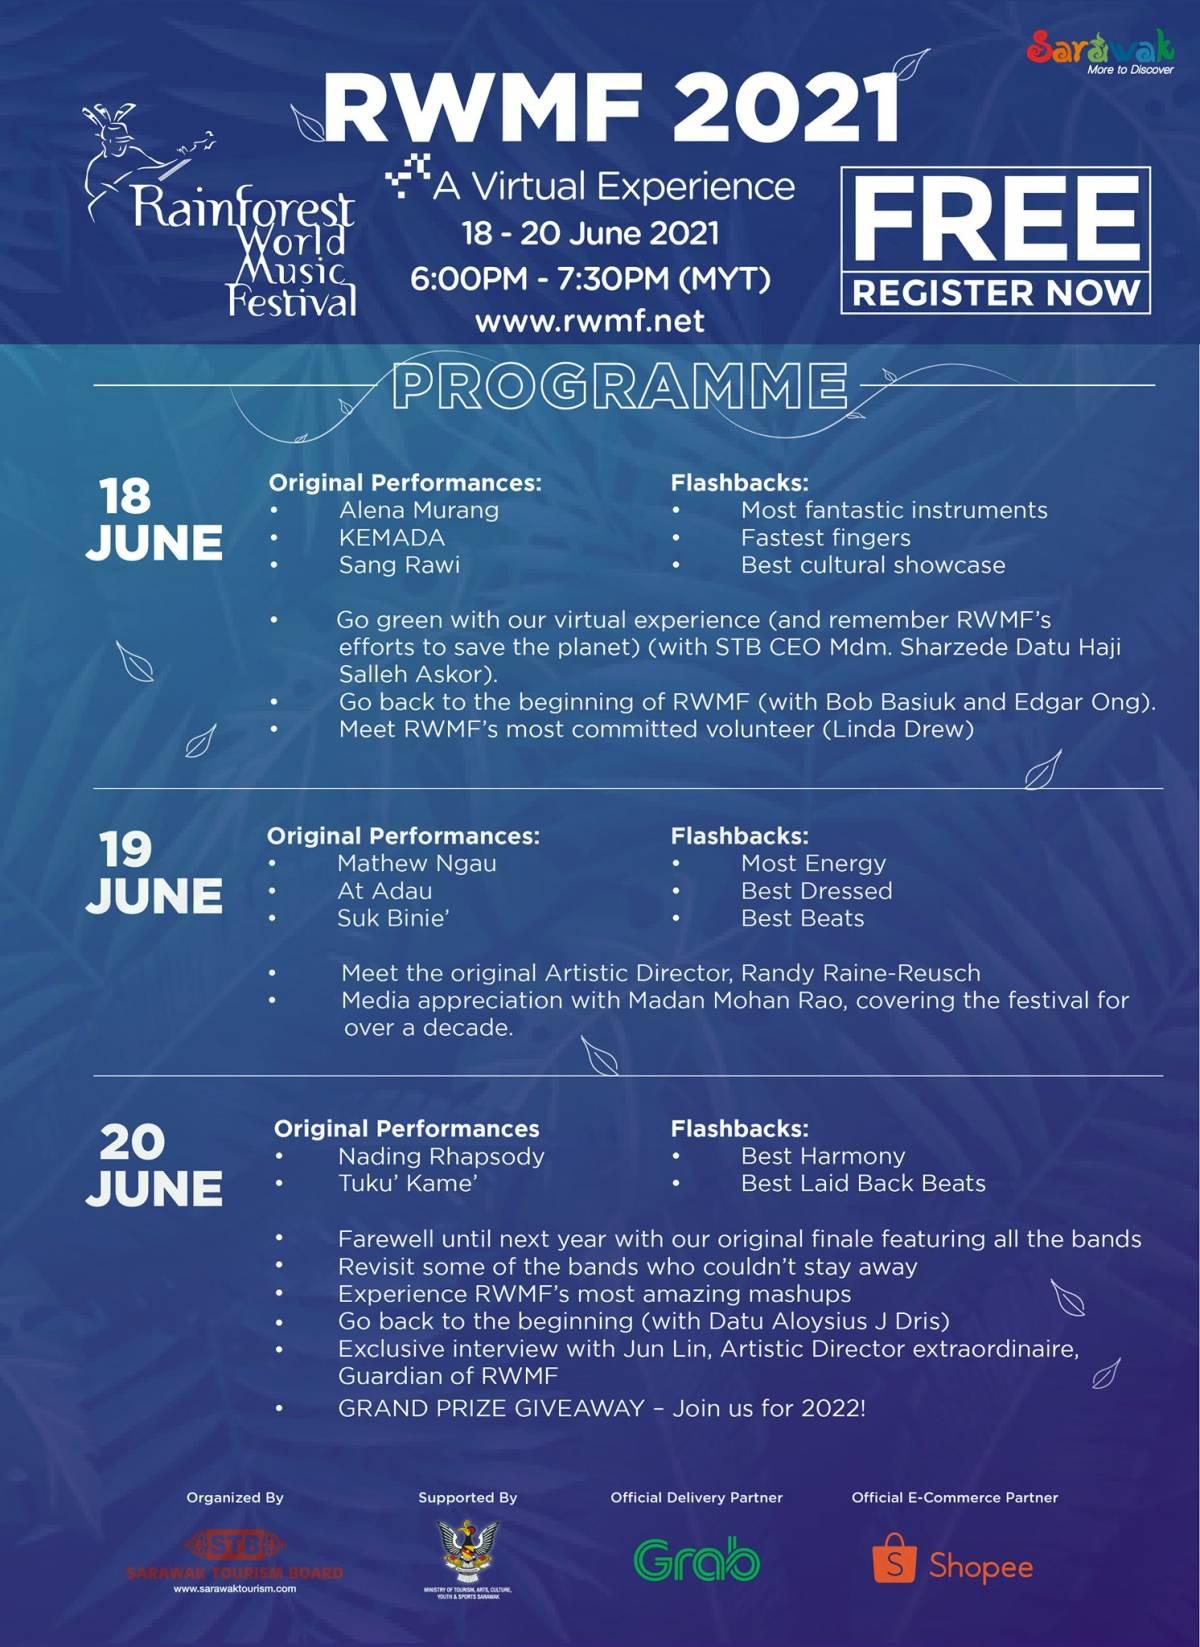 The Programme for The Rainforest World Music Festival June 18-20, 2021